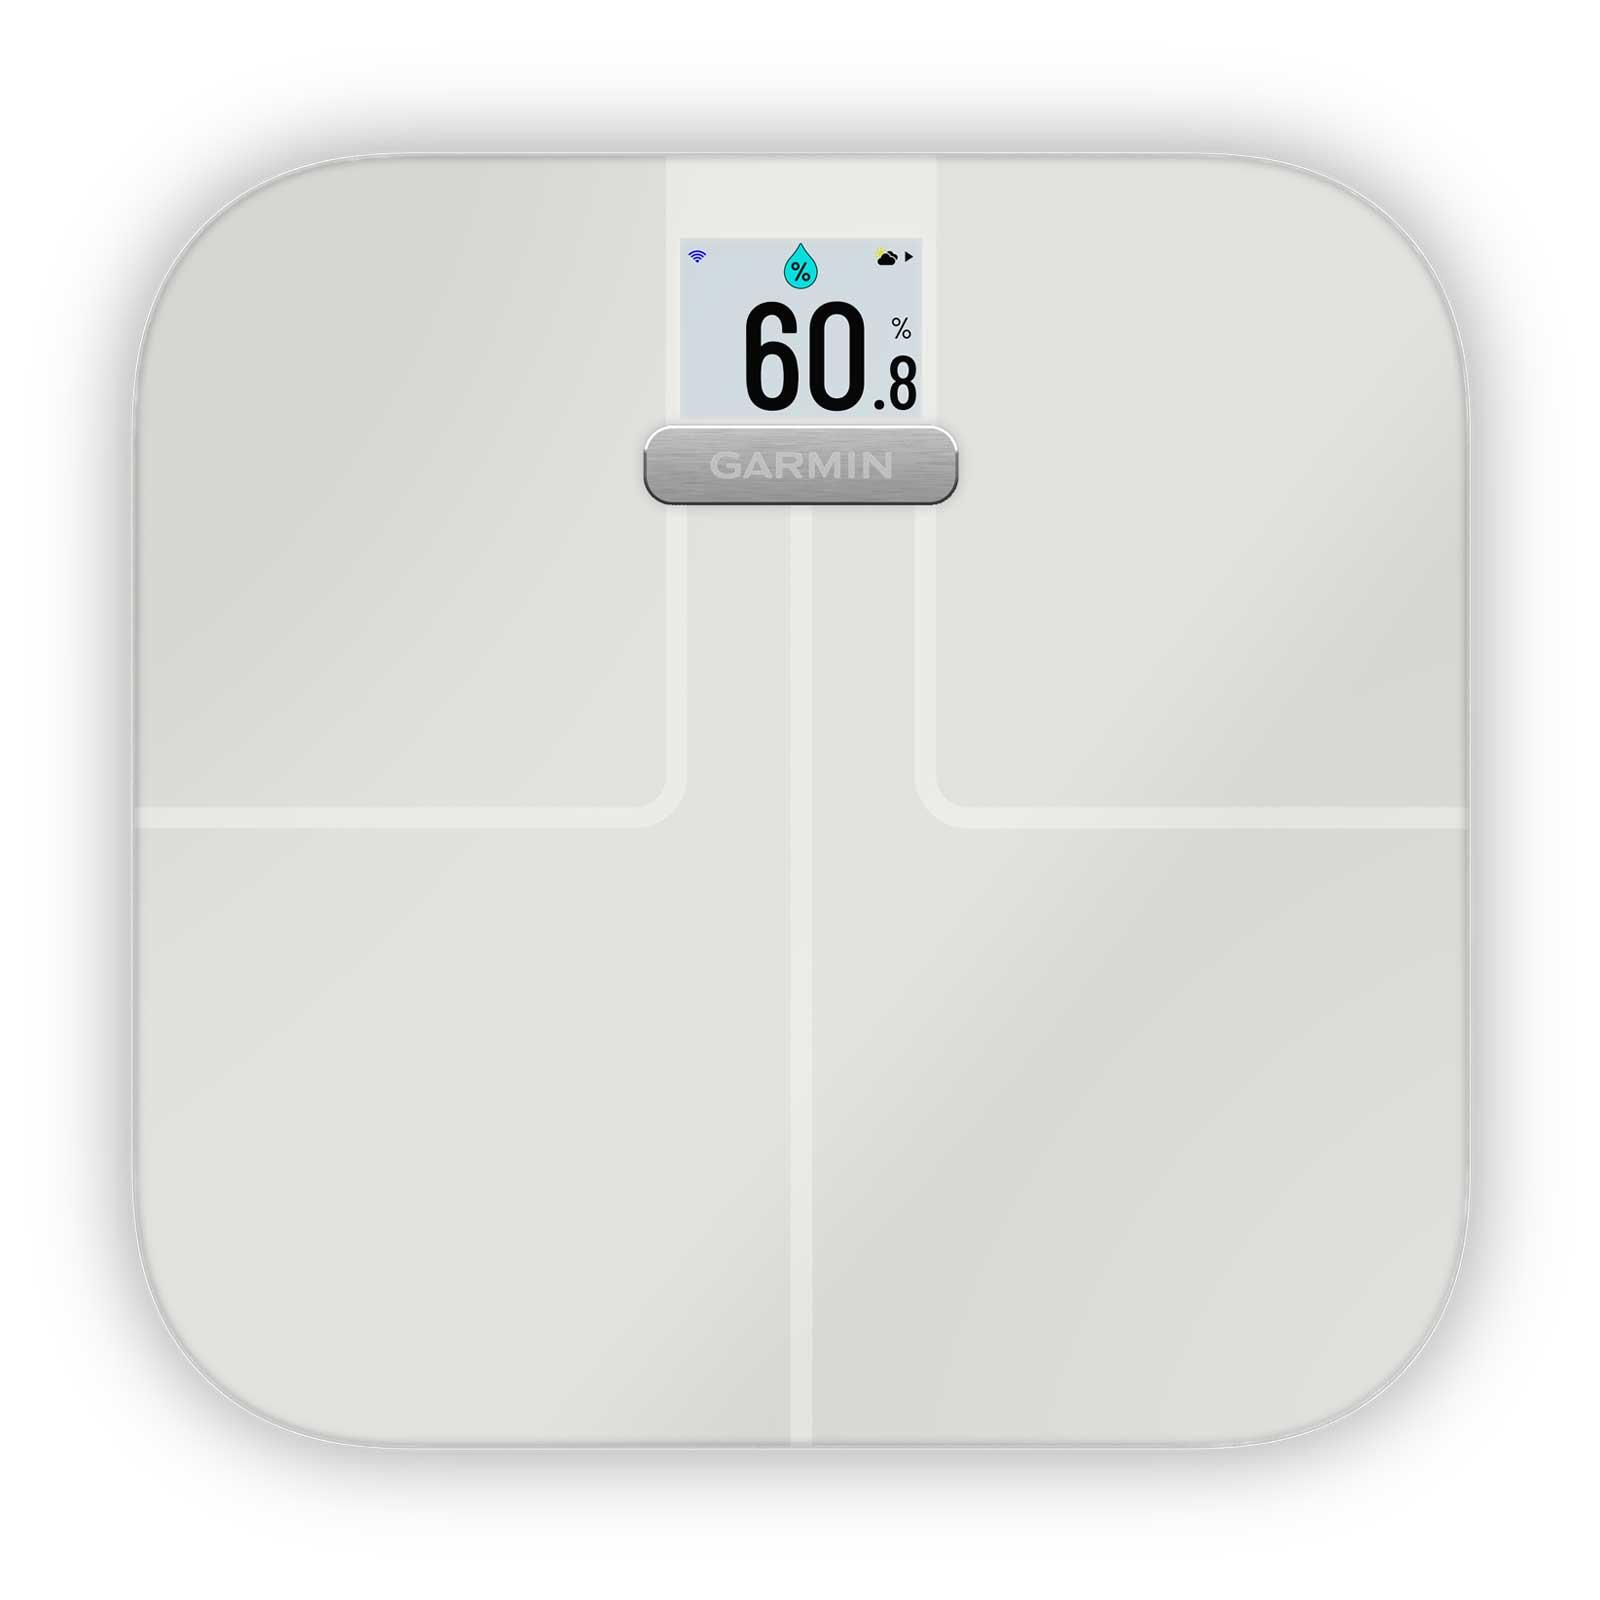 Produktbild von Garmin Index™ S2 Smart-Waage - weiß